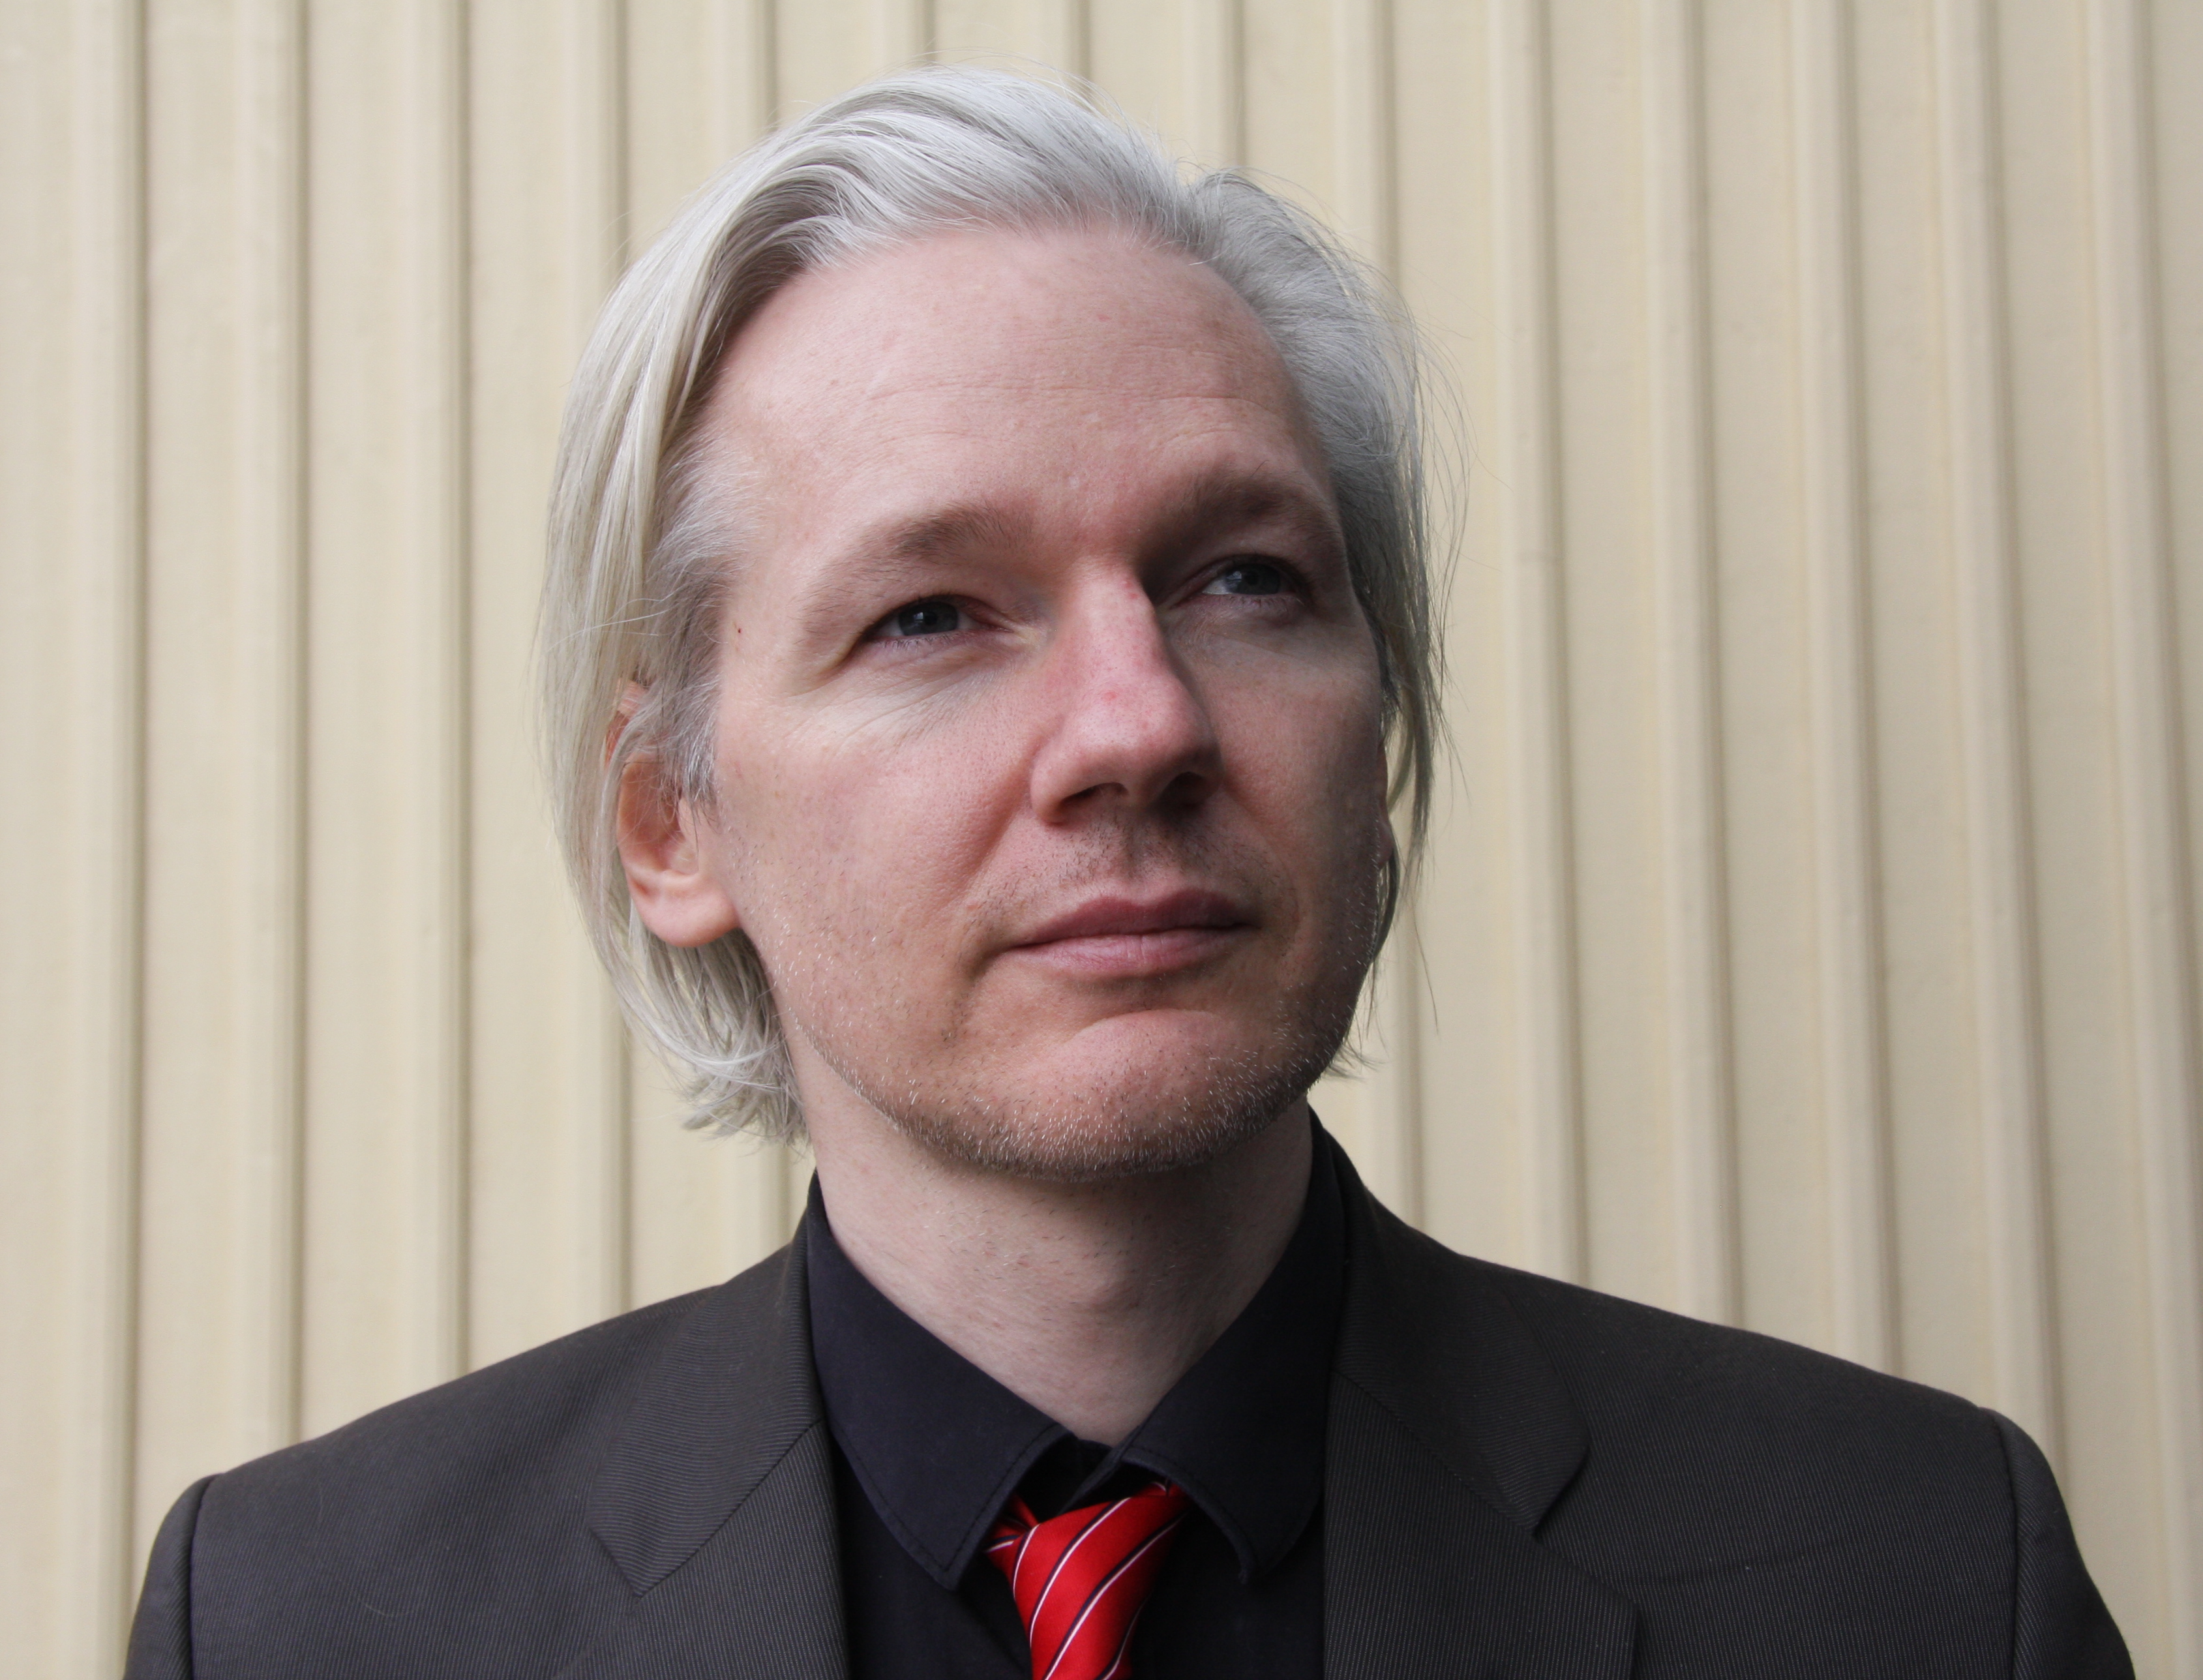 Julian_Assange_(Norway,_March_2010)